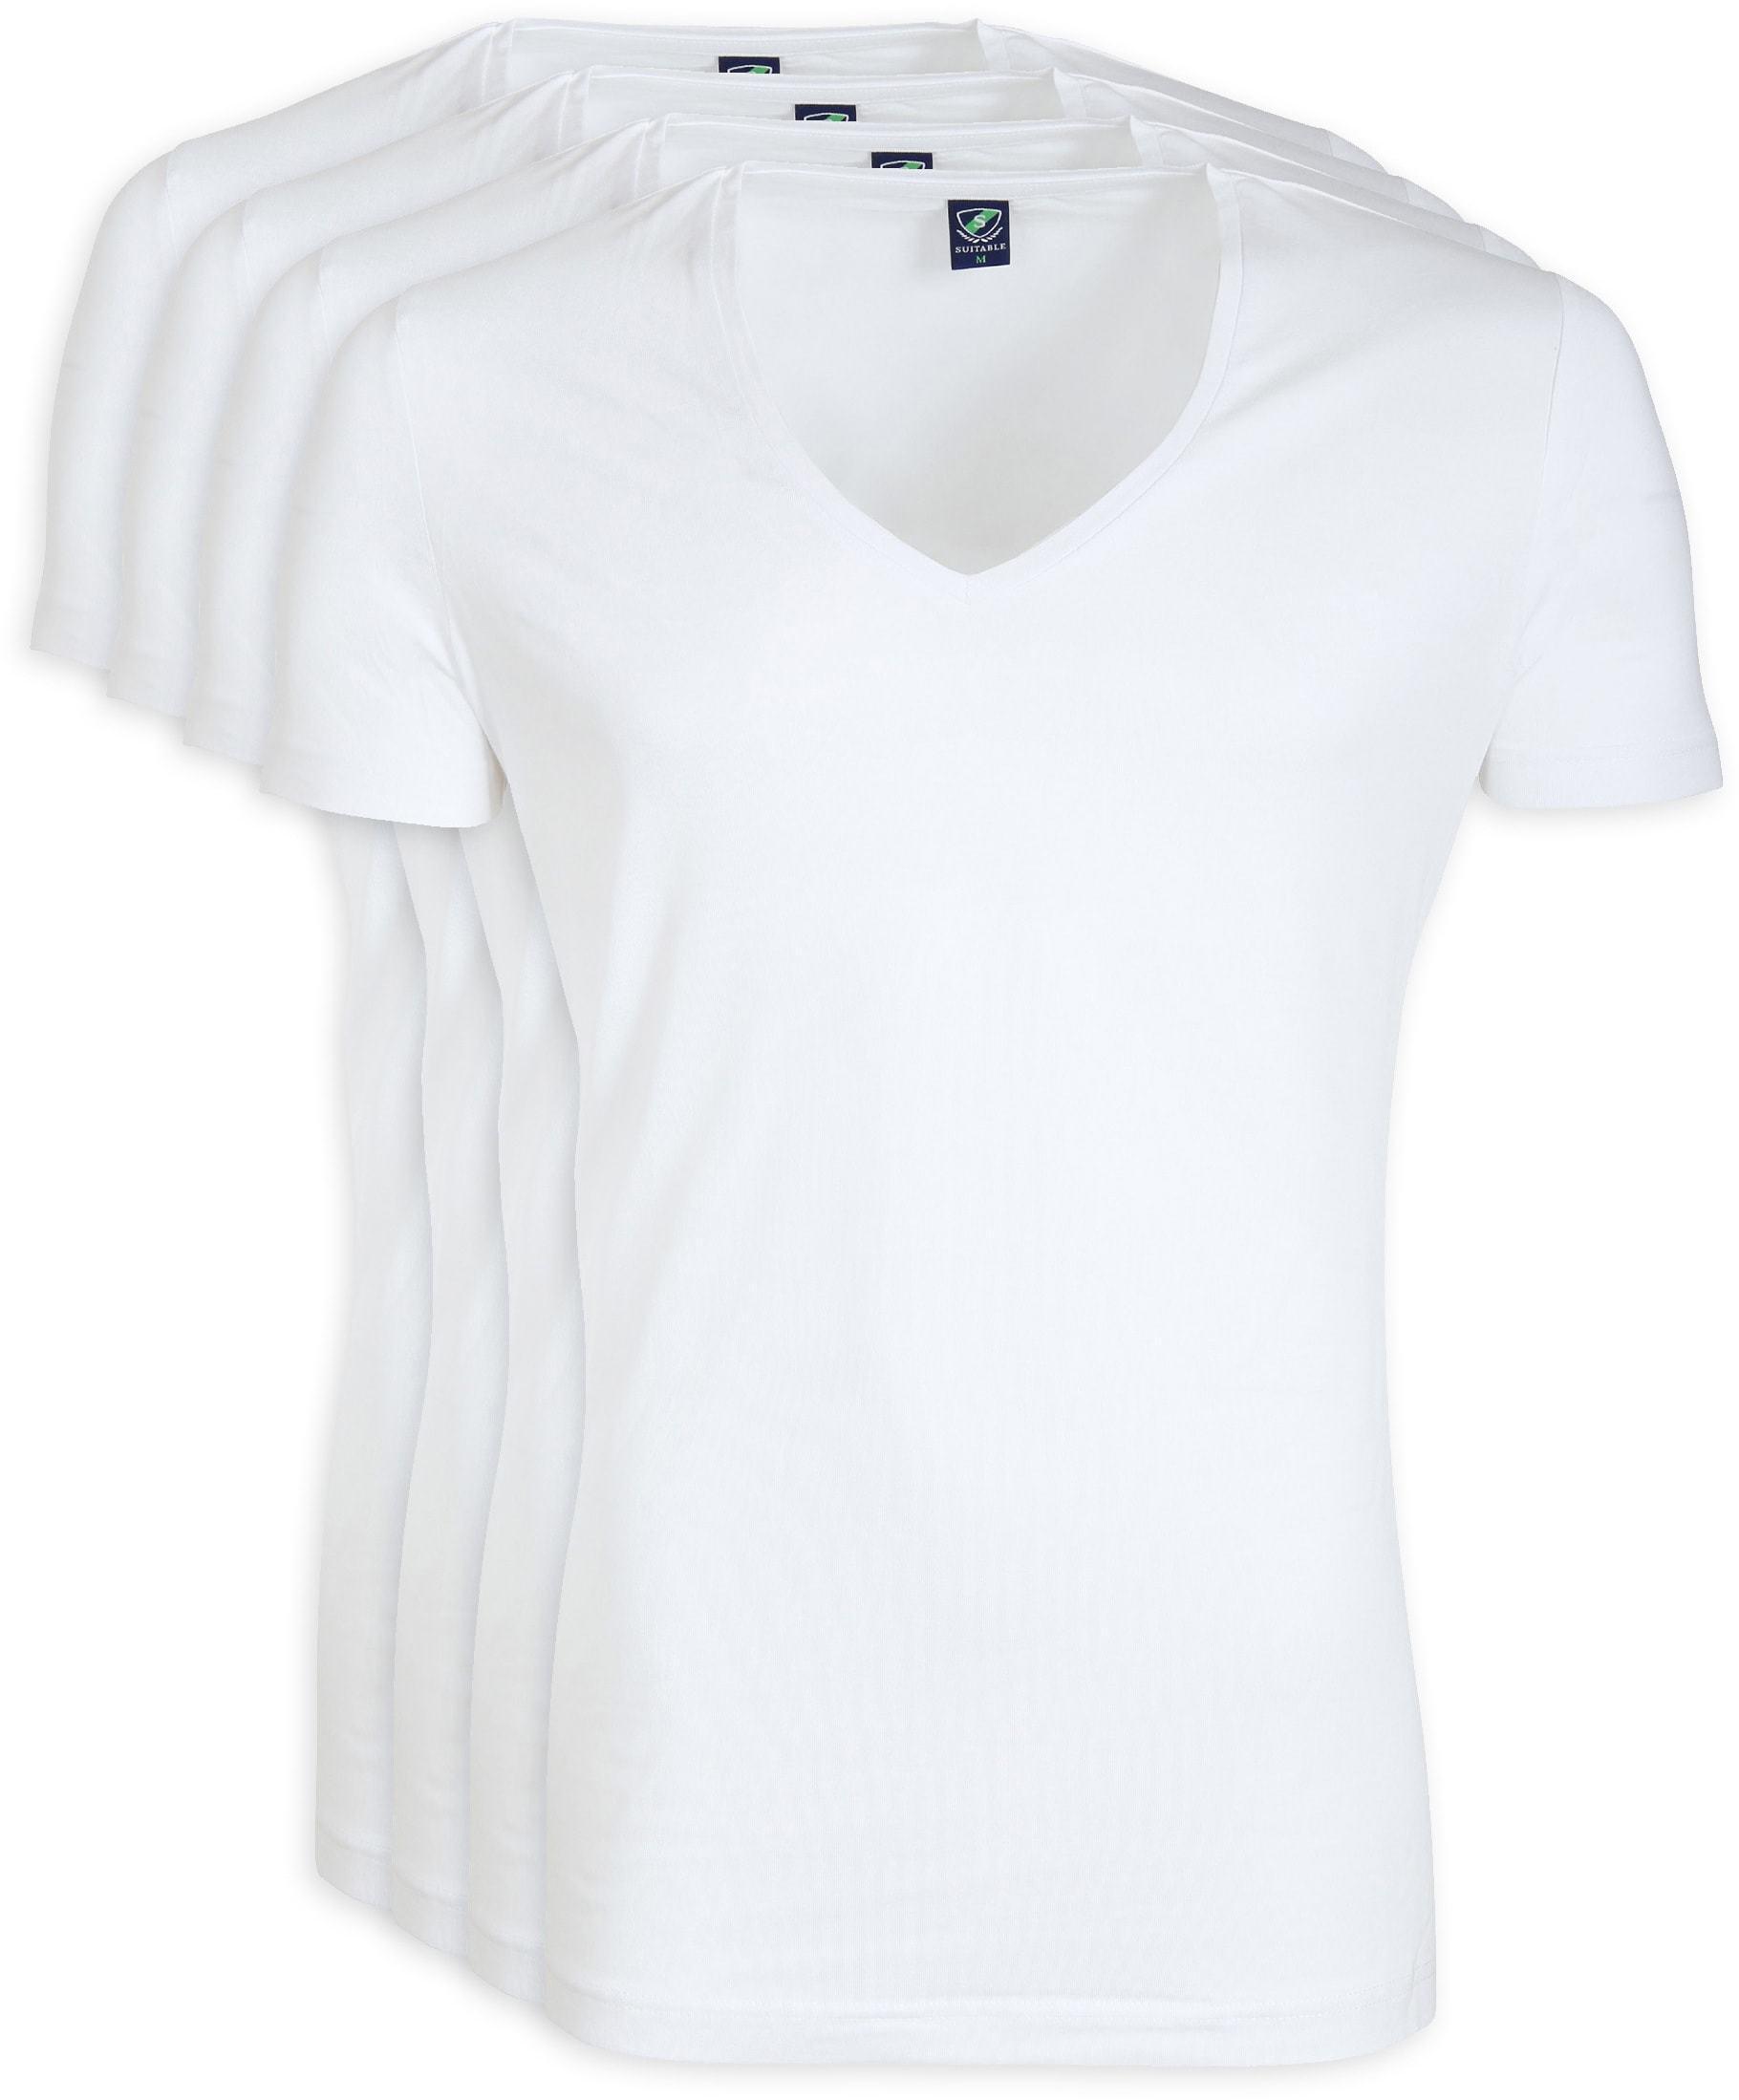 Tiefer V-Ausschnitt 4-Pack Stretch Bambus T-Shirt Weiß foto 0